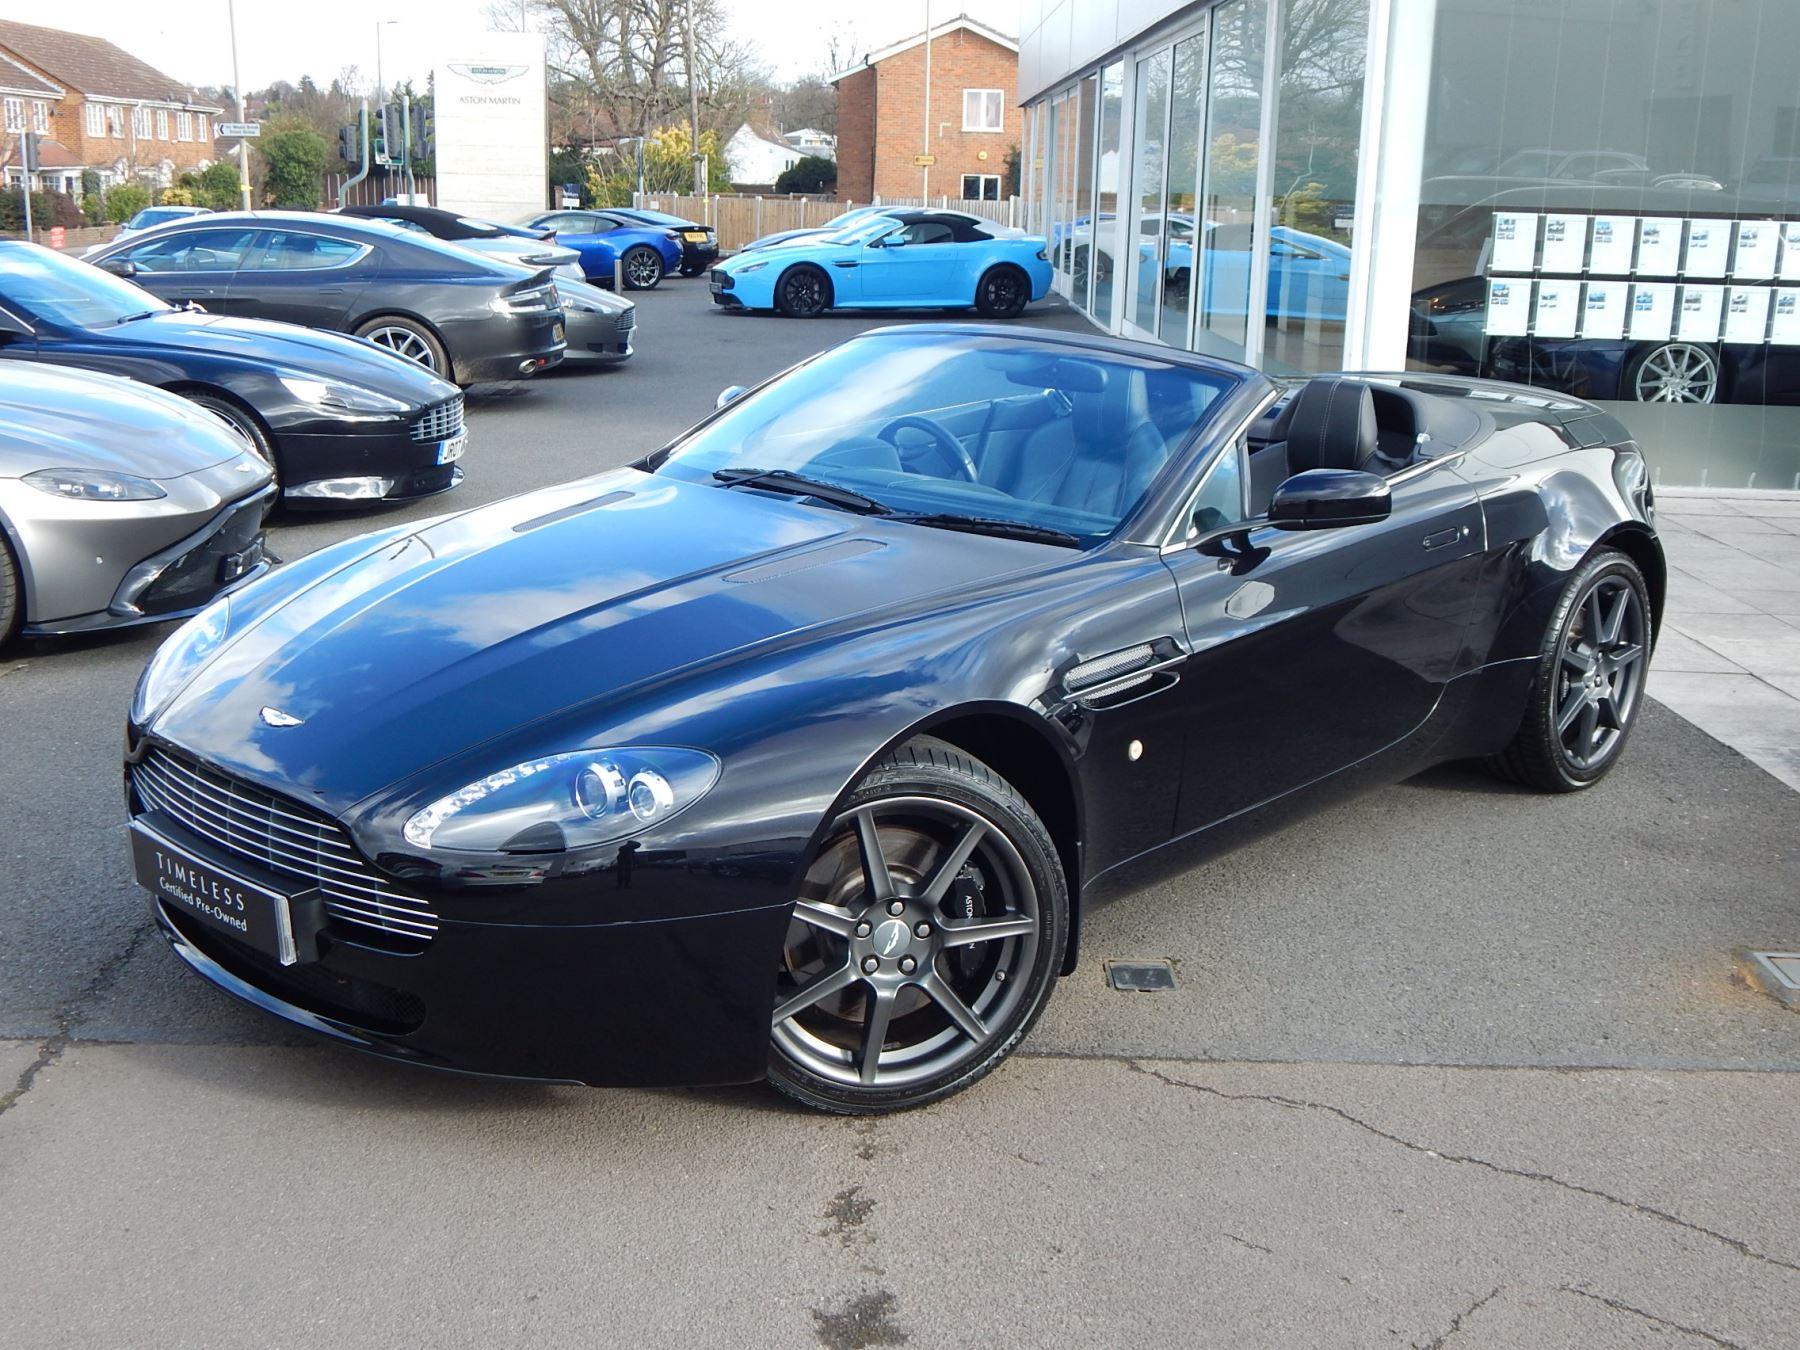 Aston Martin V8 Vantage Roadster 4.3 V8 Roadster image 2